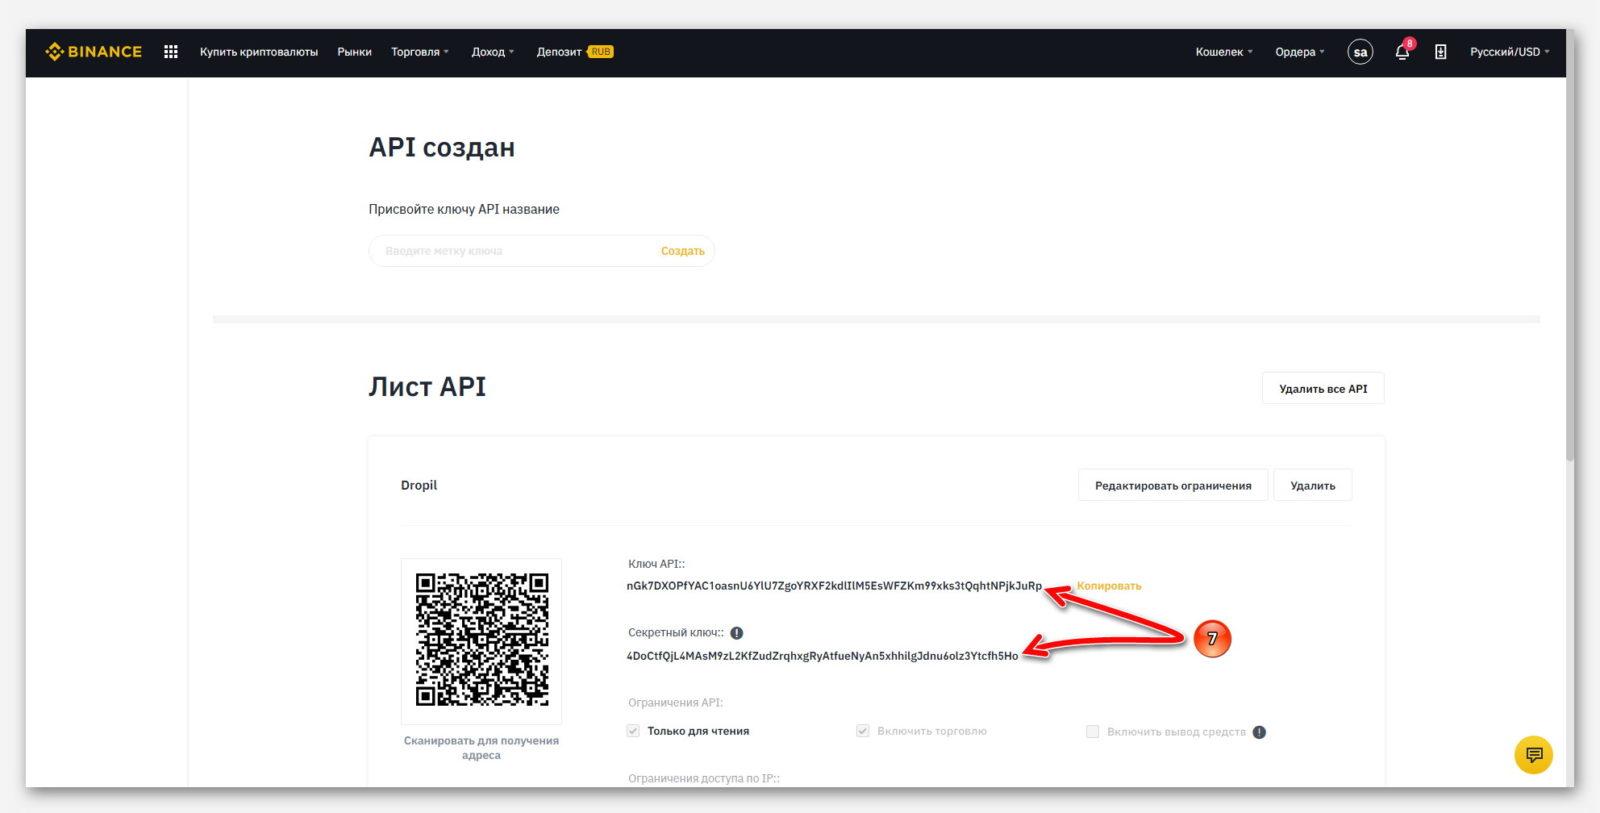 Ключ API и Секретный ключ, на бирже Binance